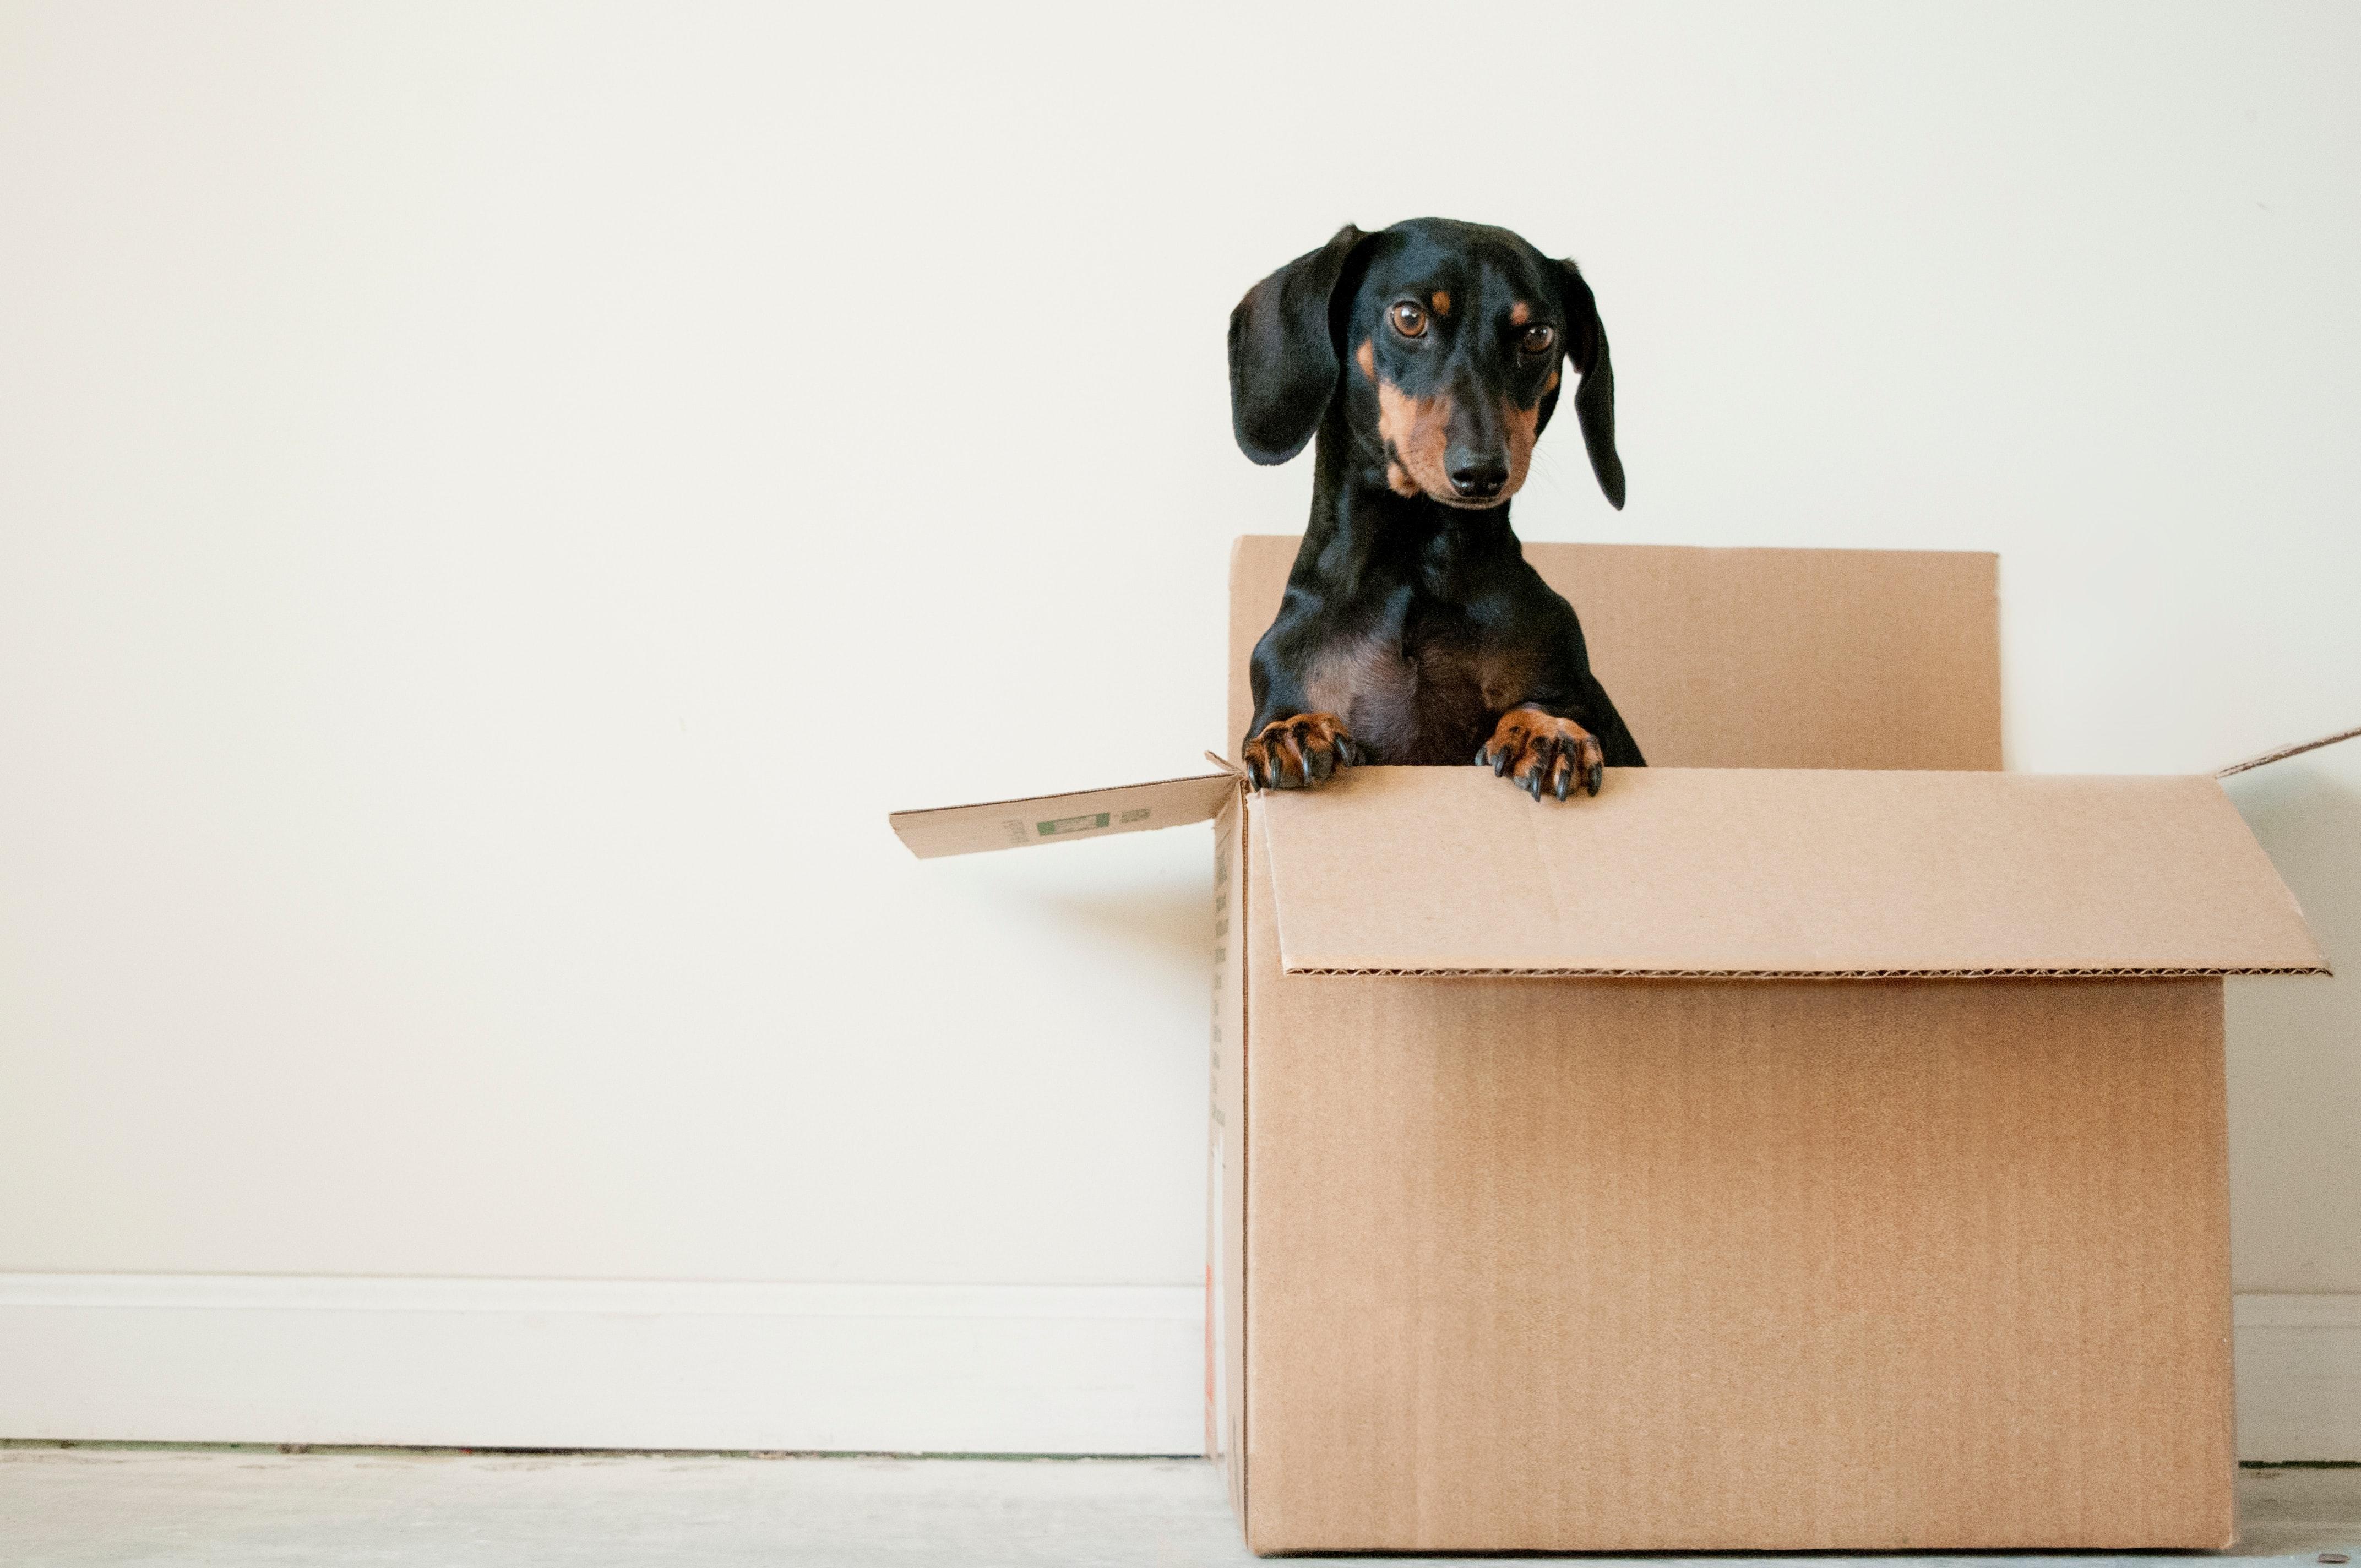 dog sitting inside moving box